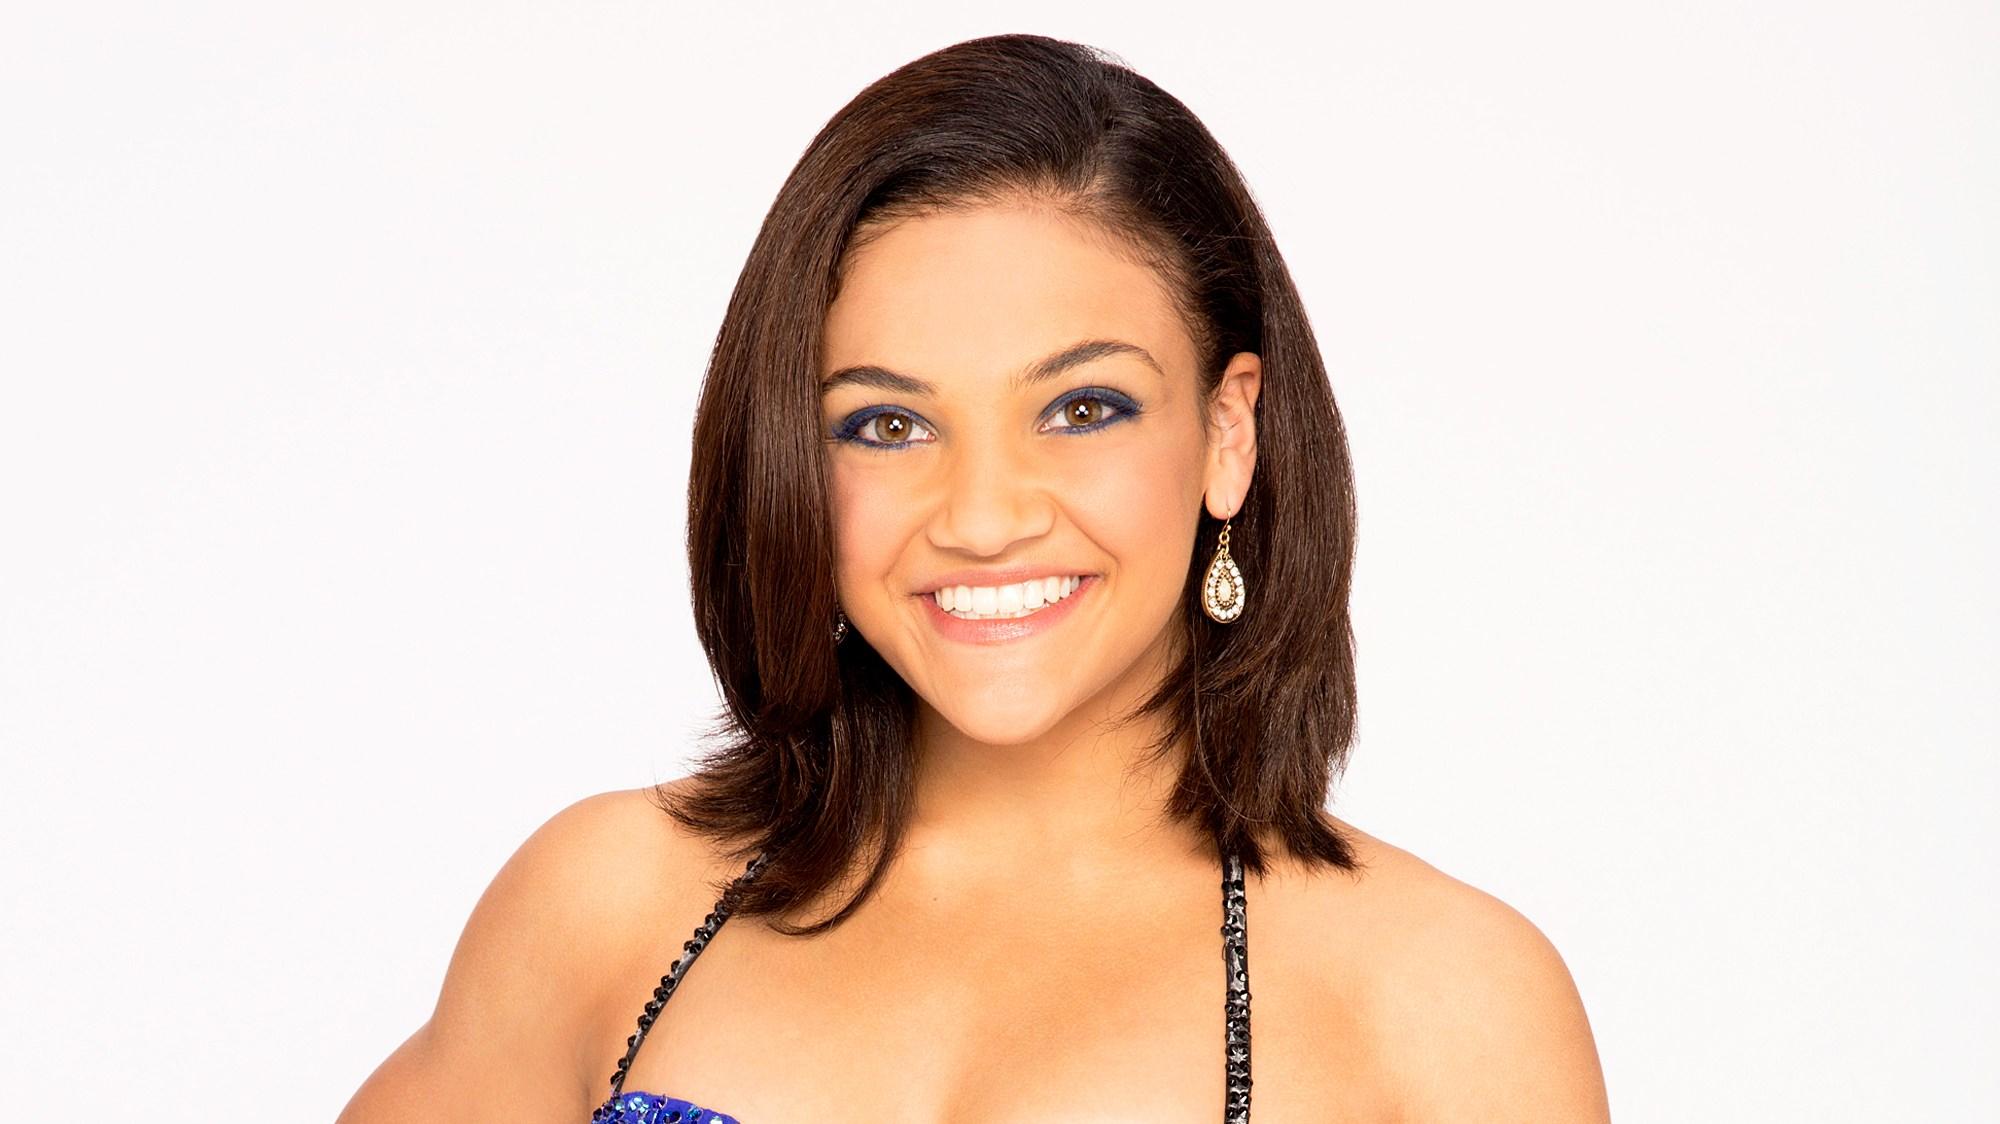 Laure Hernandez